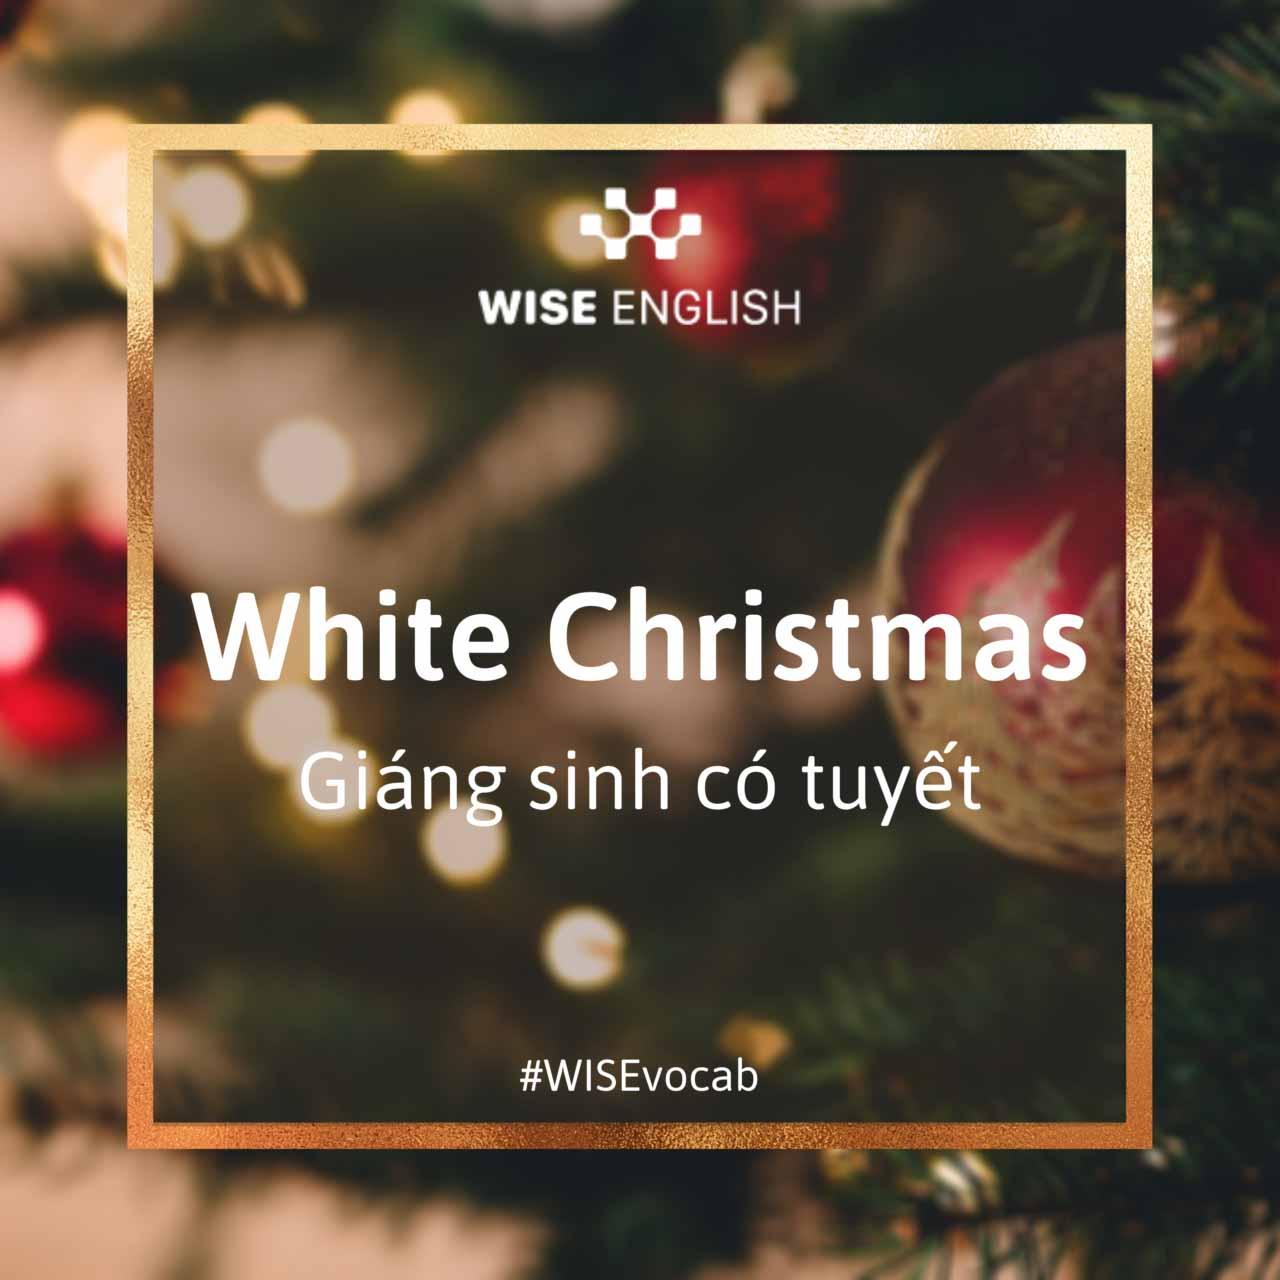 Idiom Giáng sinh-Giáng sinh có tuyết